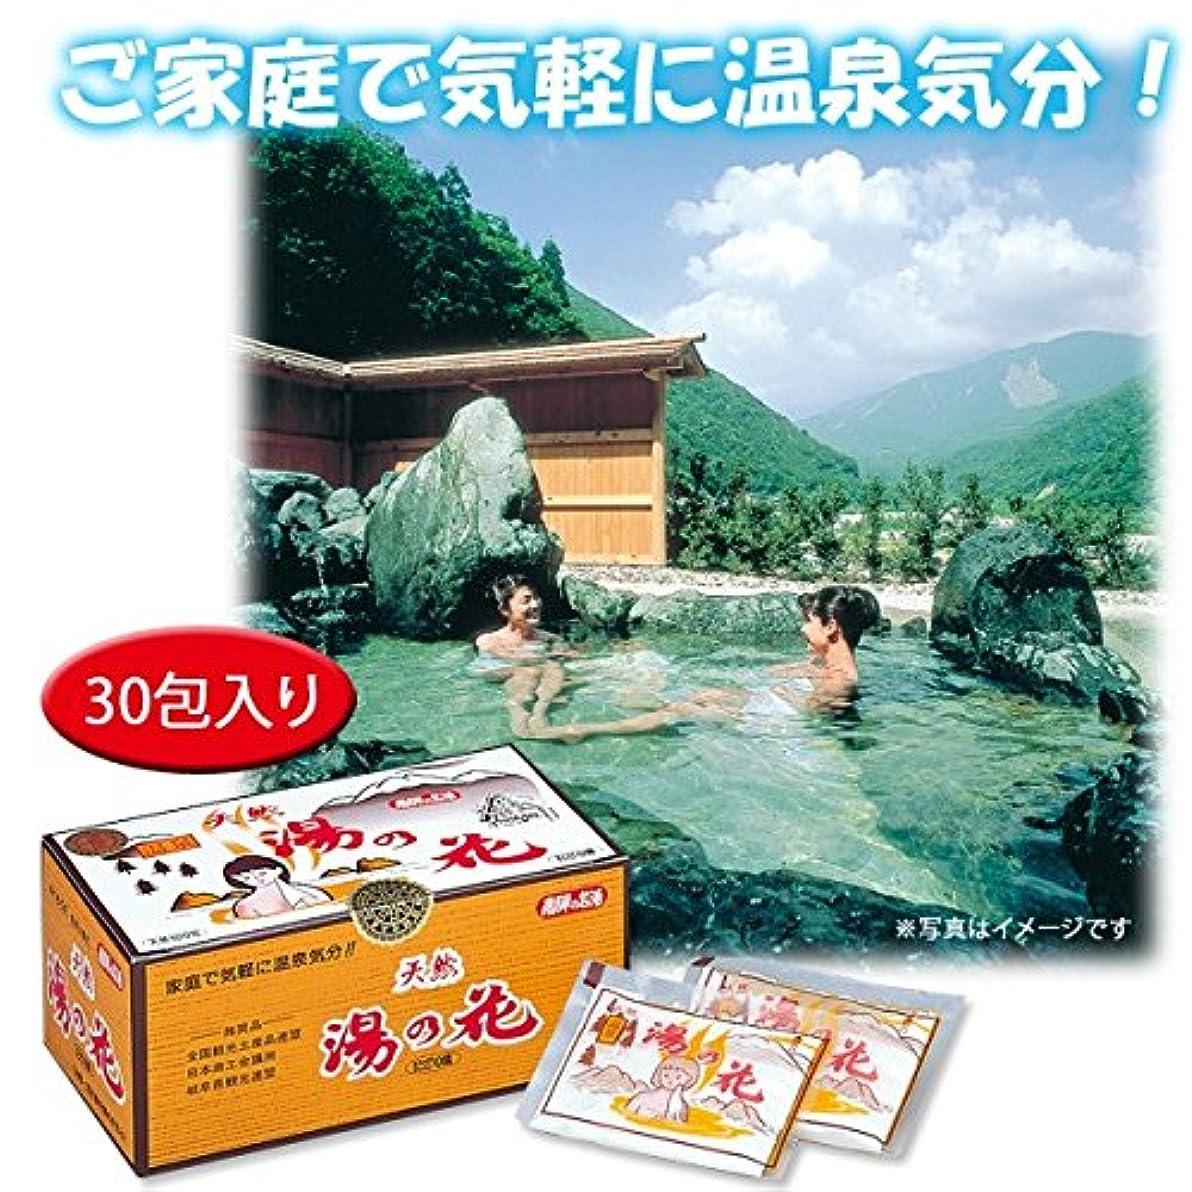 ぼろインフラ置き場天然湯の花(30包入り)